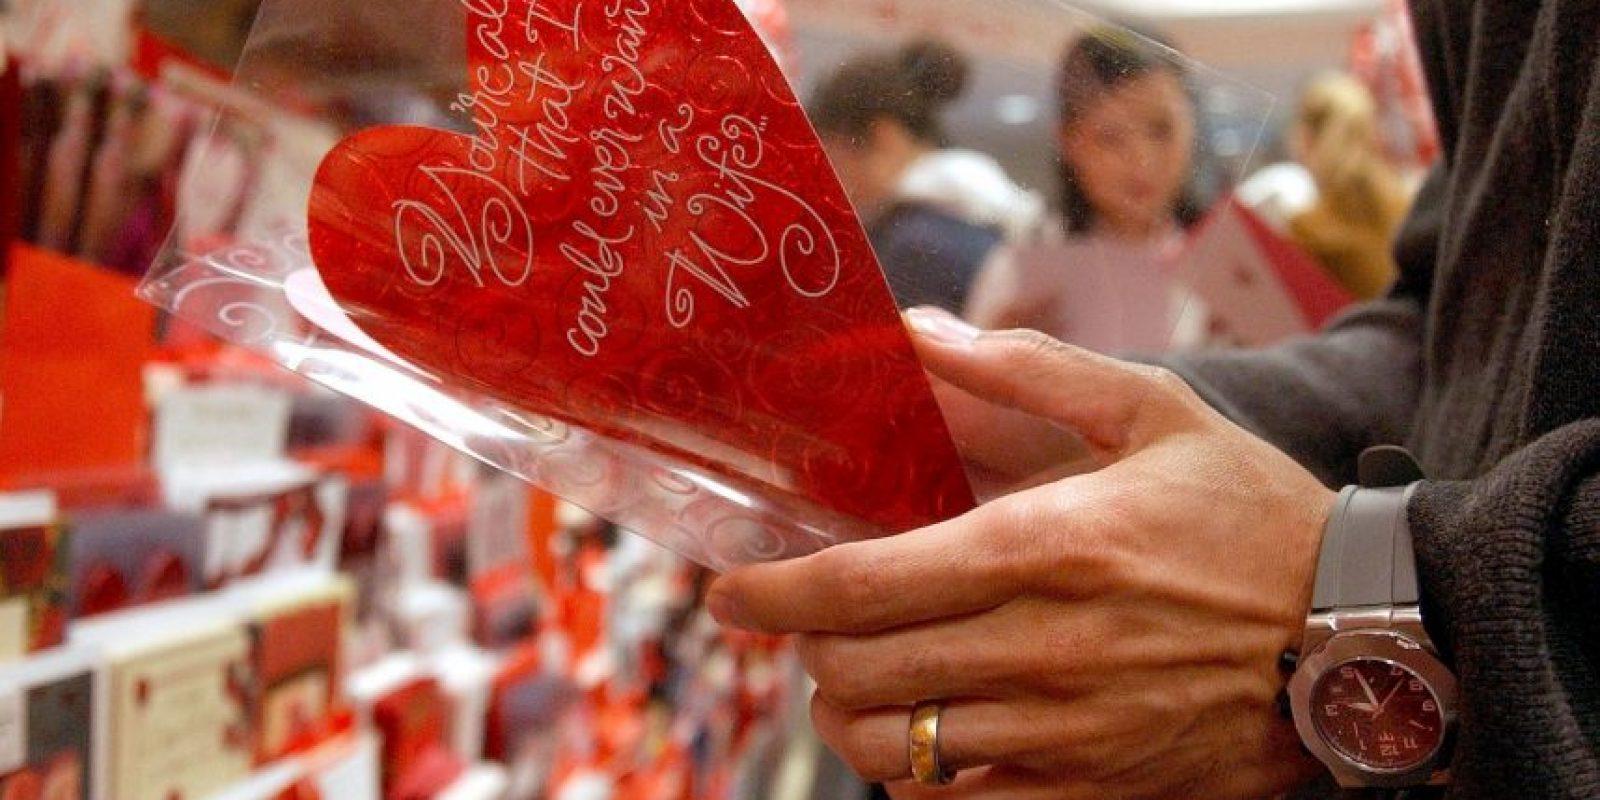 """""""Antiguamente el matrimonio podría haber sido visto como el único camino para que las parejas jóvenes obtuvieran el apoyo social y el compañerismo que es importante para la salud emocional"""", dijo Kamp Dush. Foto:Getty Images"""